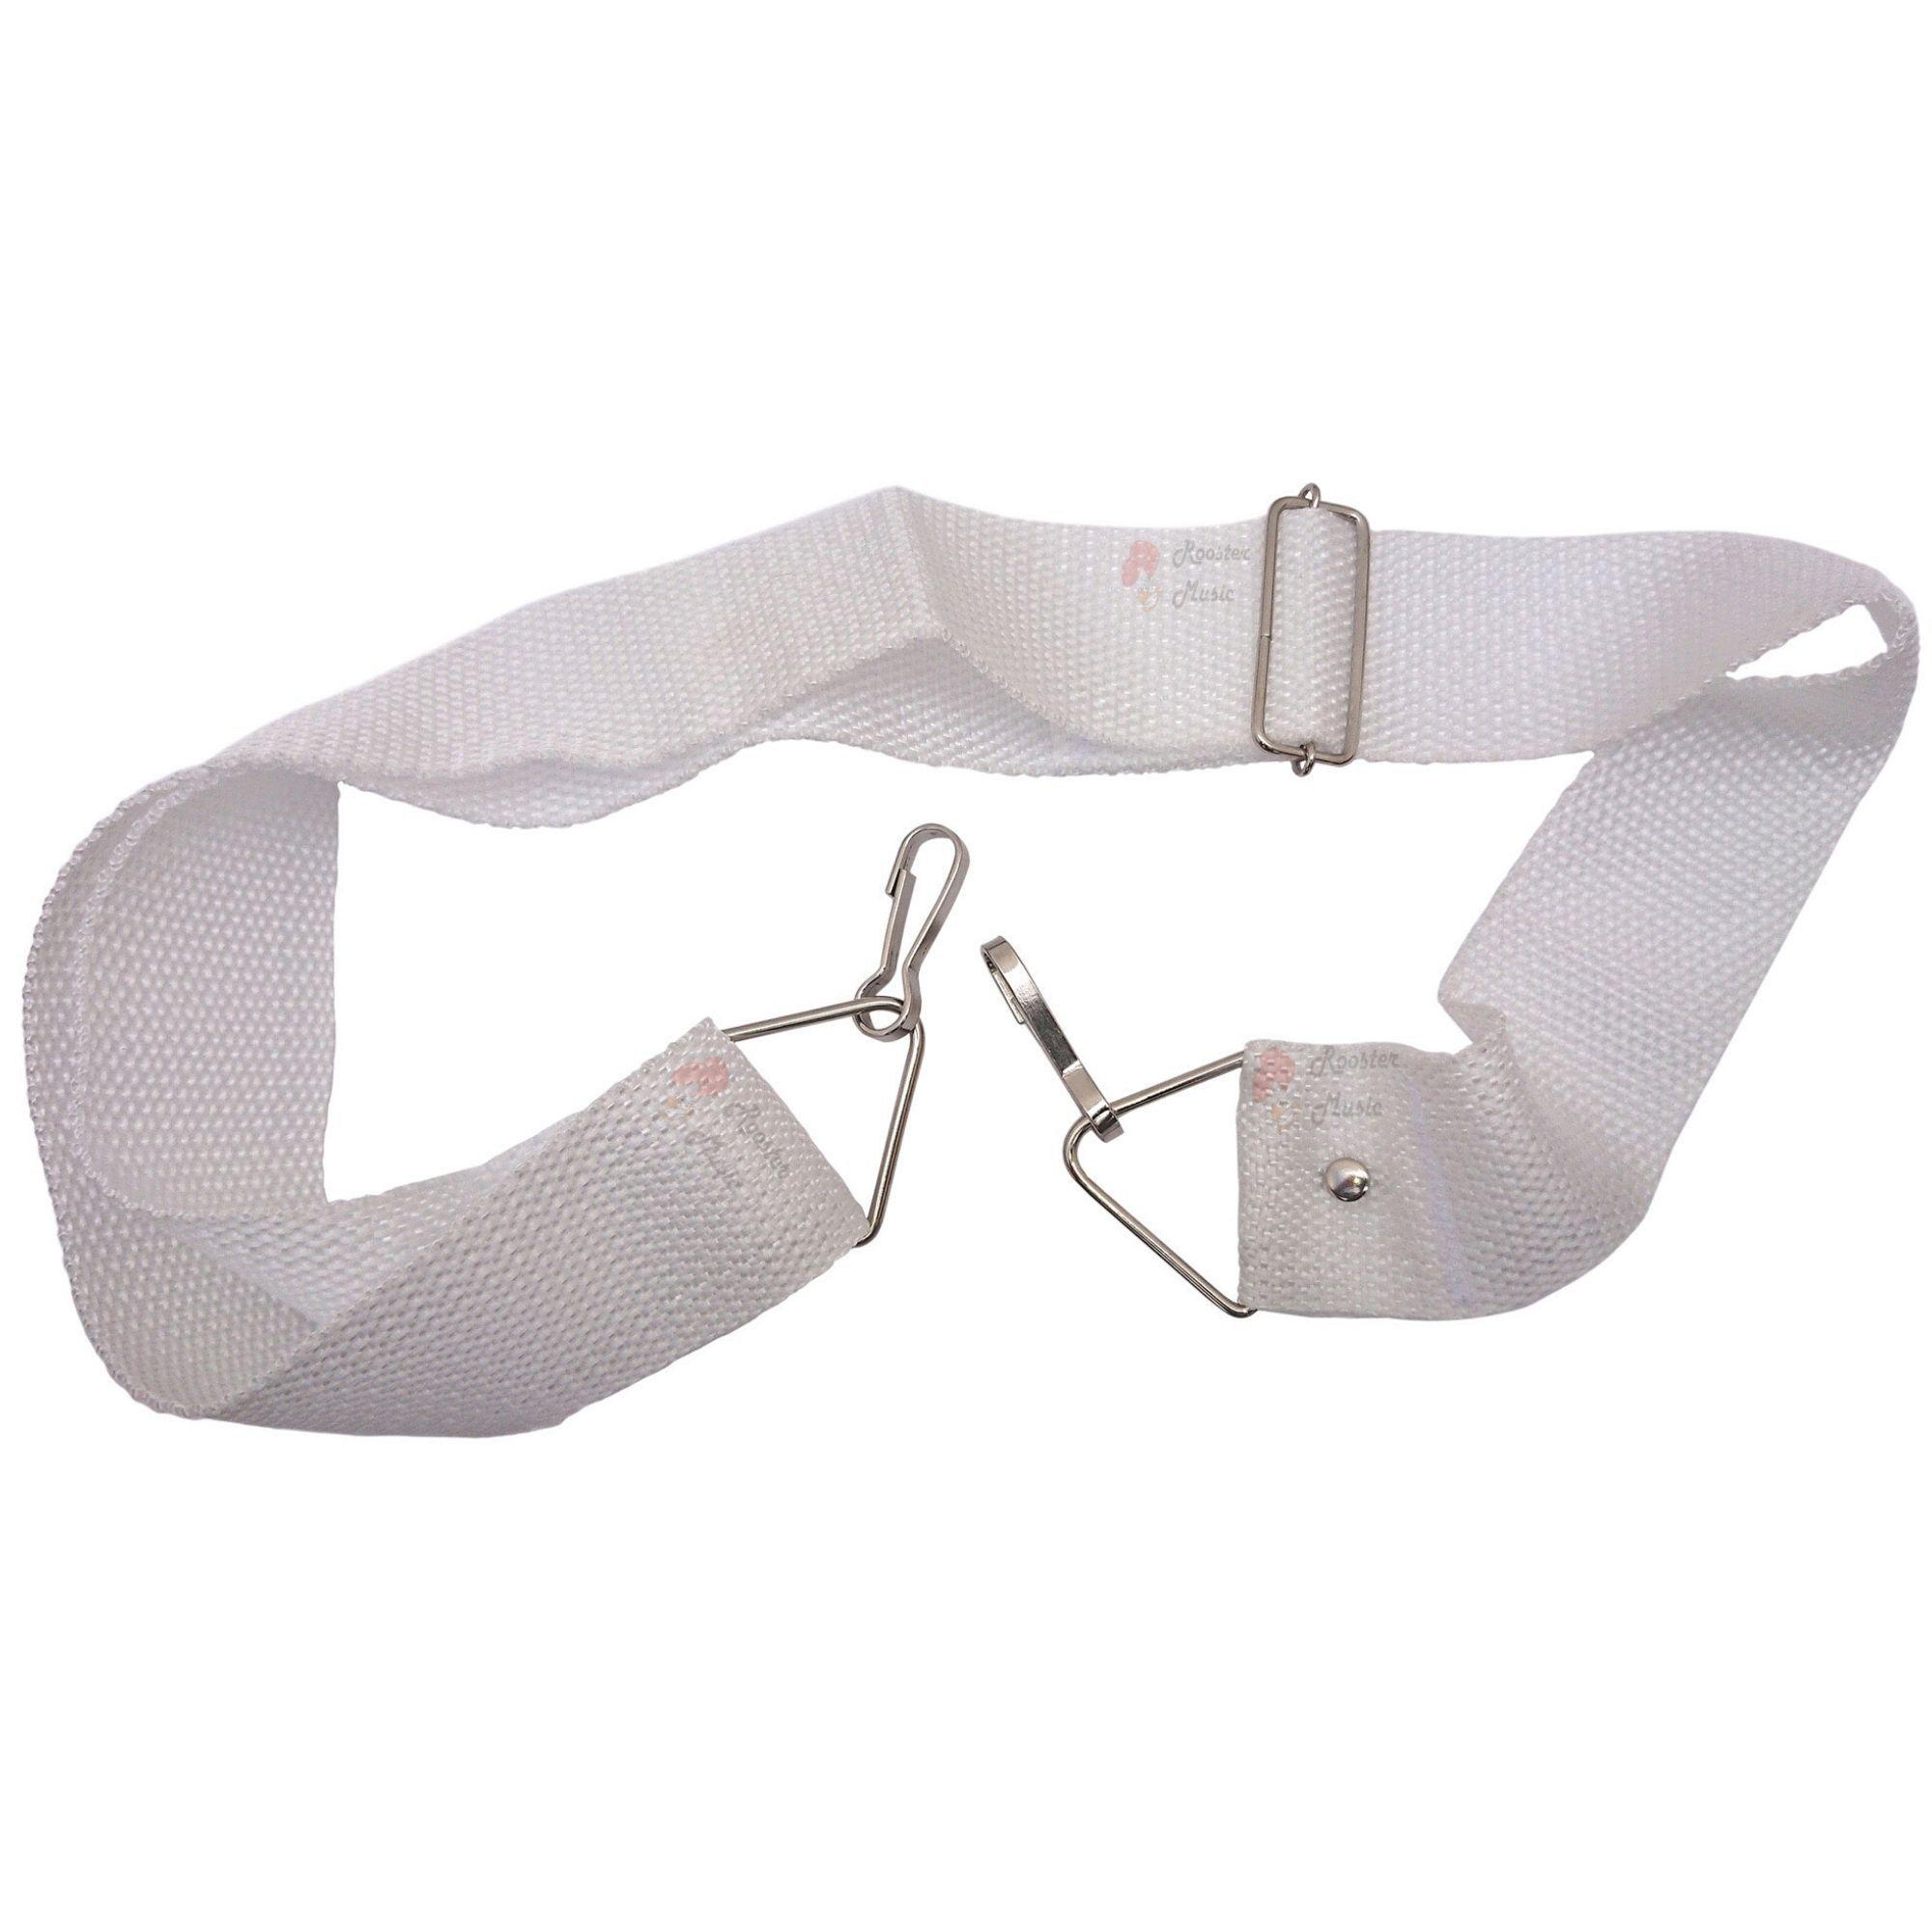 Talabarte Correia Branco Para Caixa de Guerra, Repique e Tarol de 2 Ganchos com Reforço CLAVE & BAG